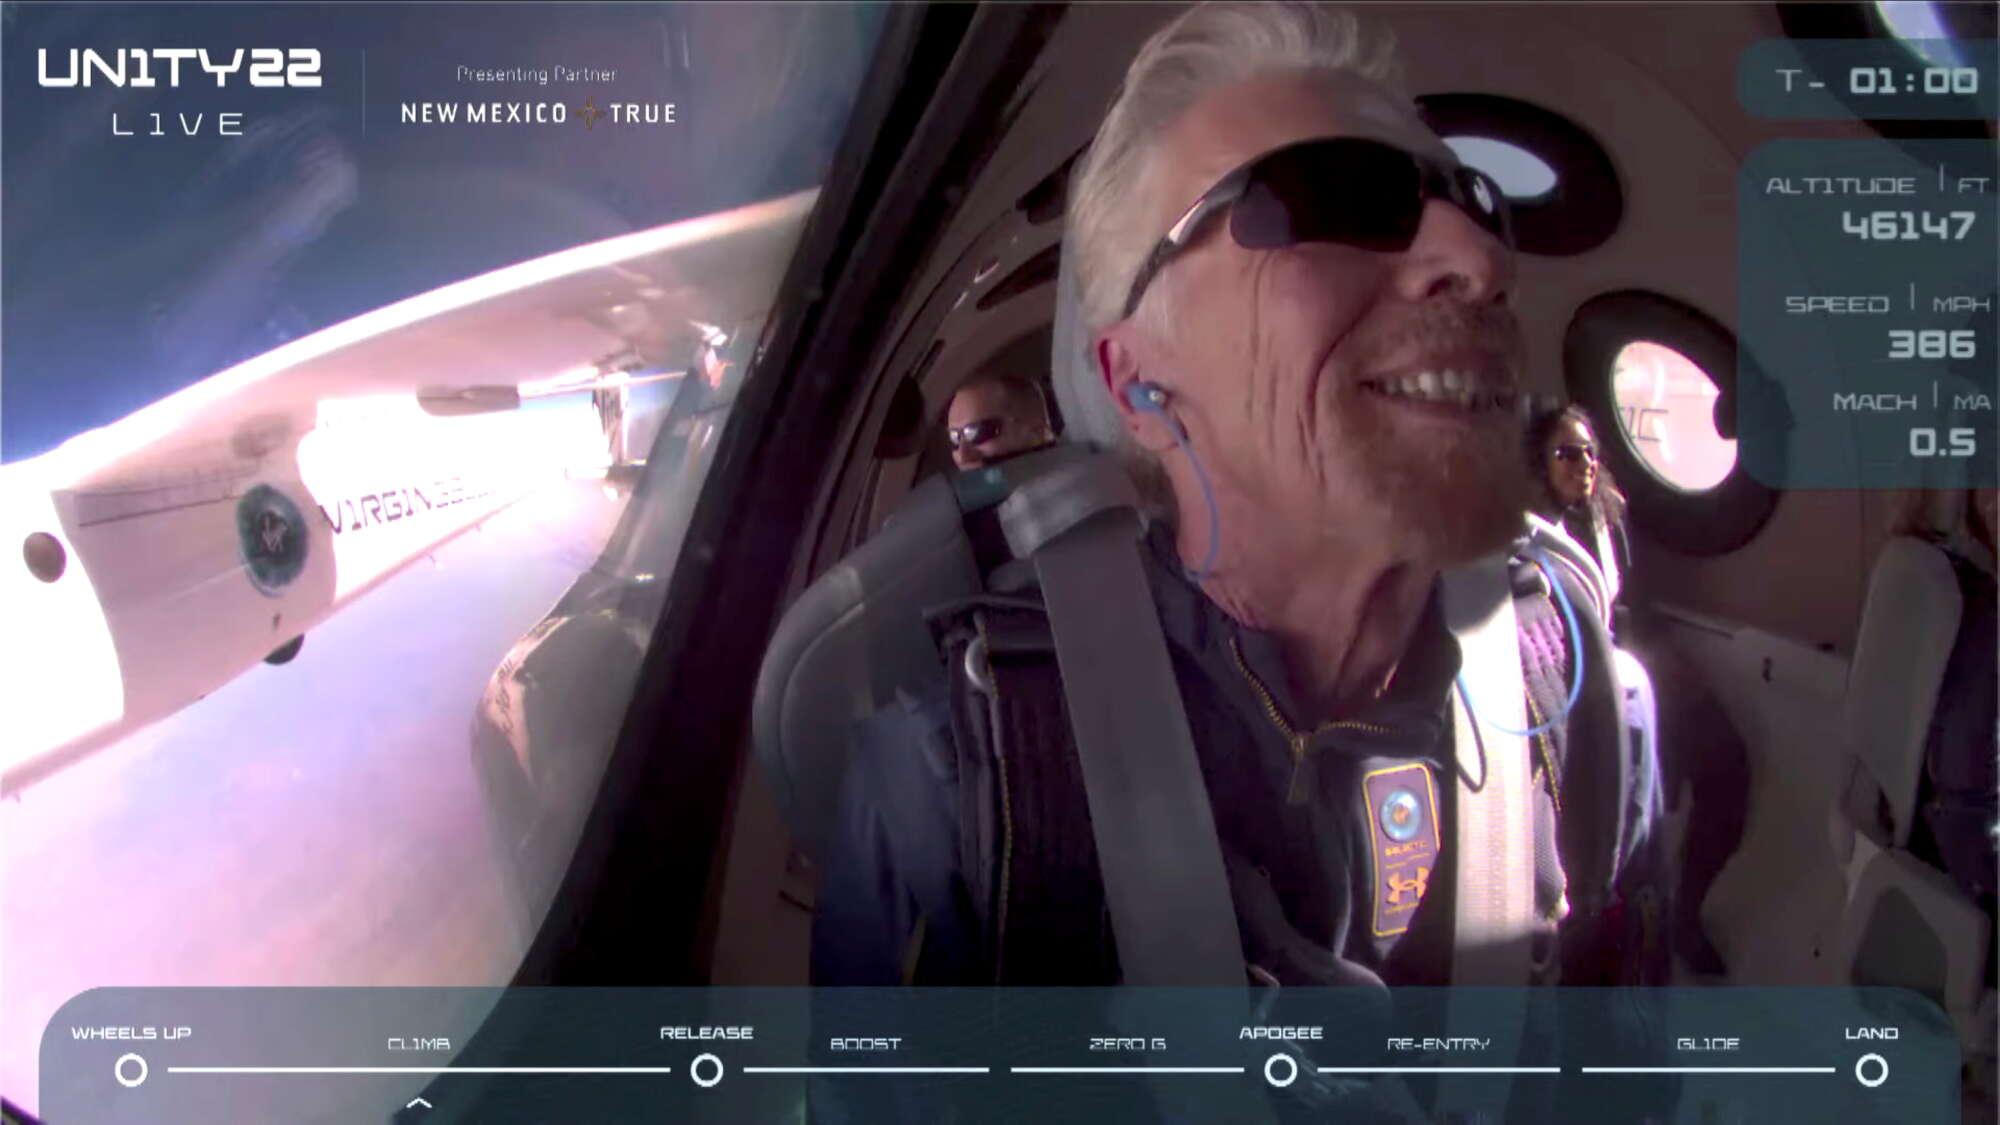 Ο Ρίτσαρντ Μπράνσον και οι συνεπιβάτες του πανευτυχείς ένα λεπτό πριν από το σημείο αποκόλλησης του διαστημοπλοίου από το μητρικό αεροσκάφος